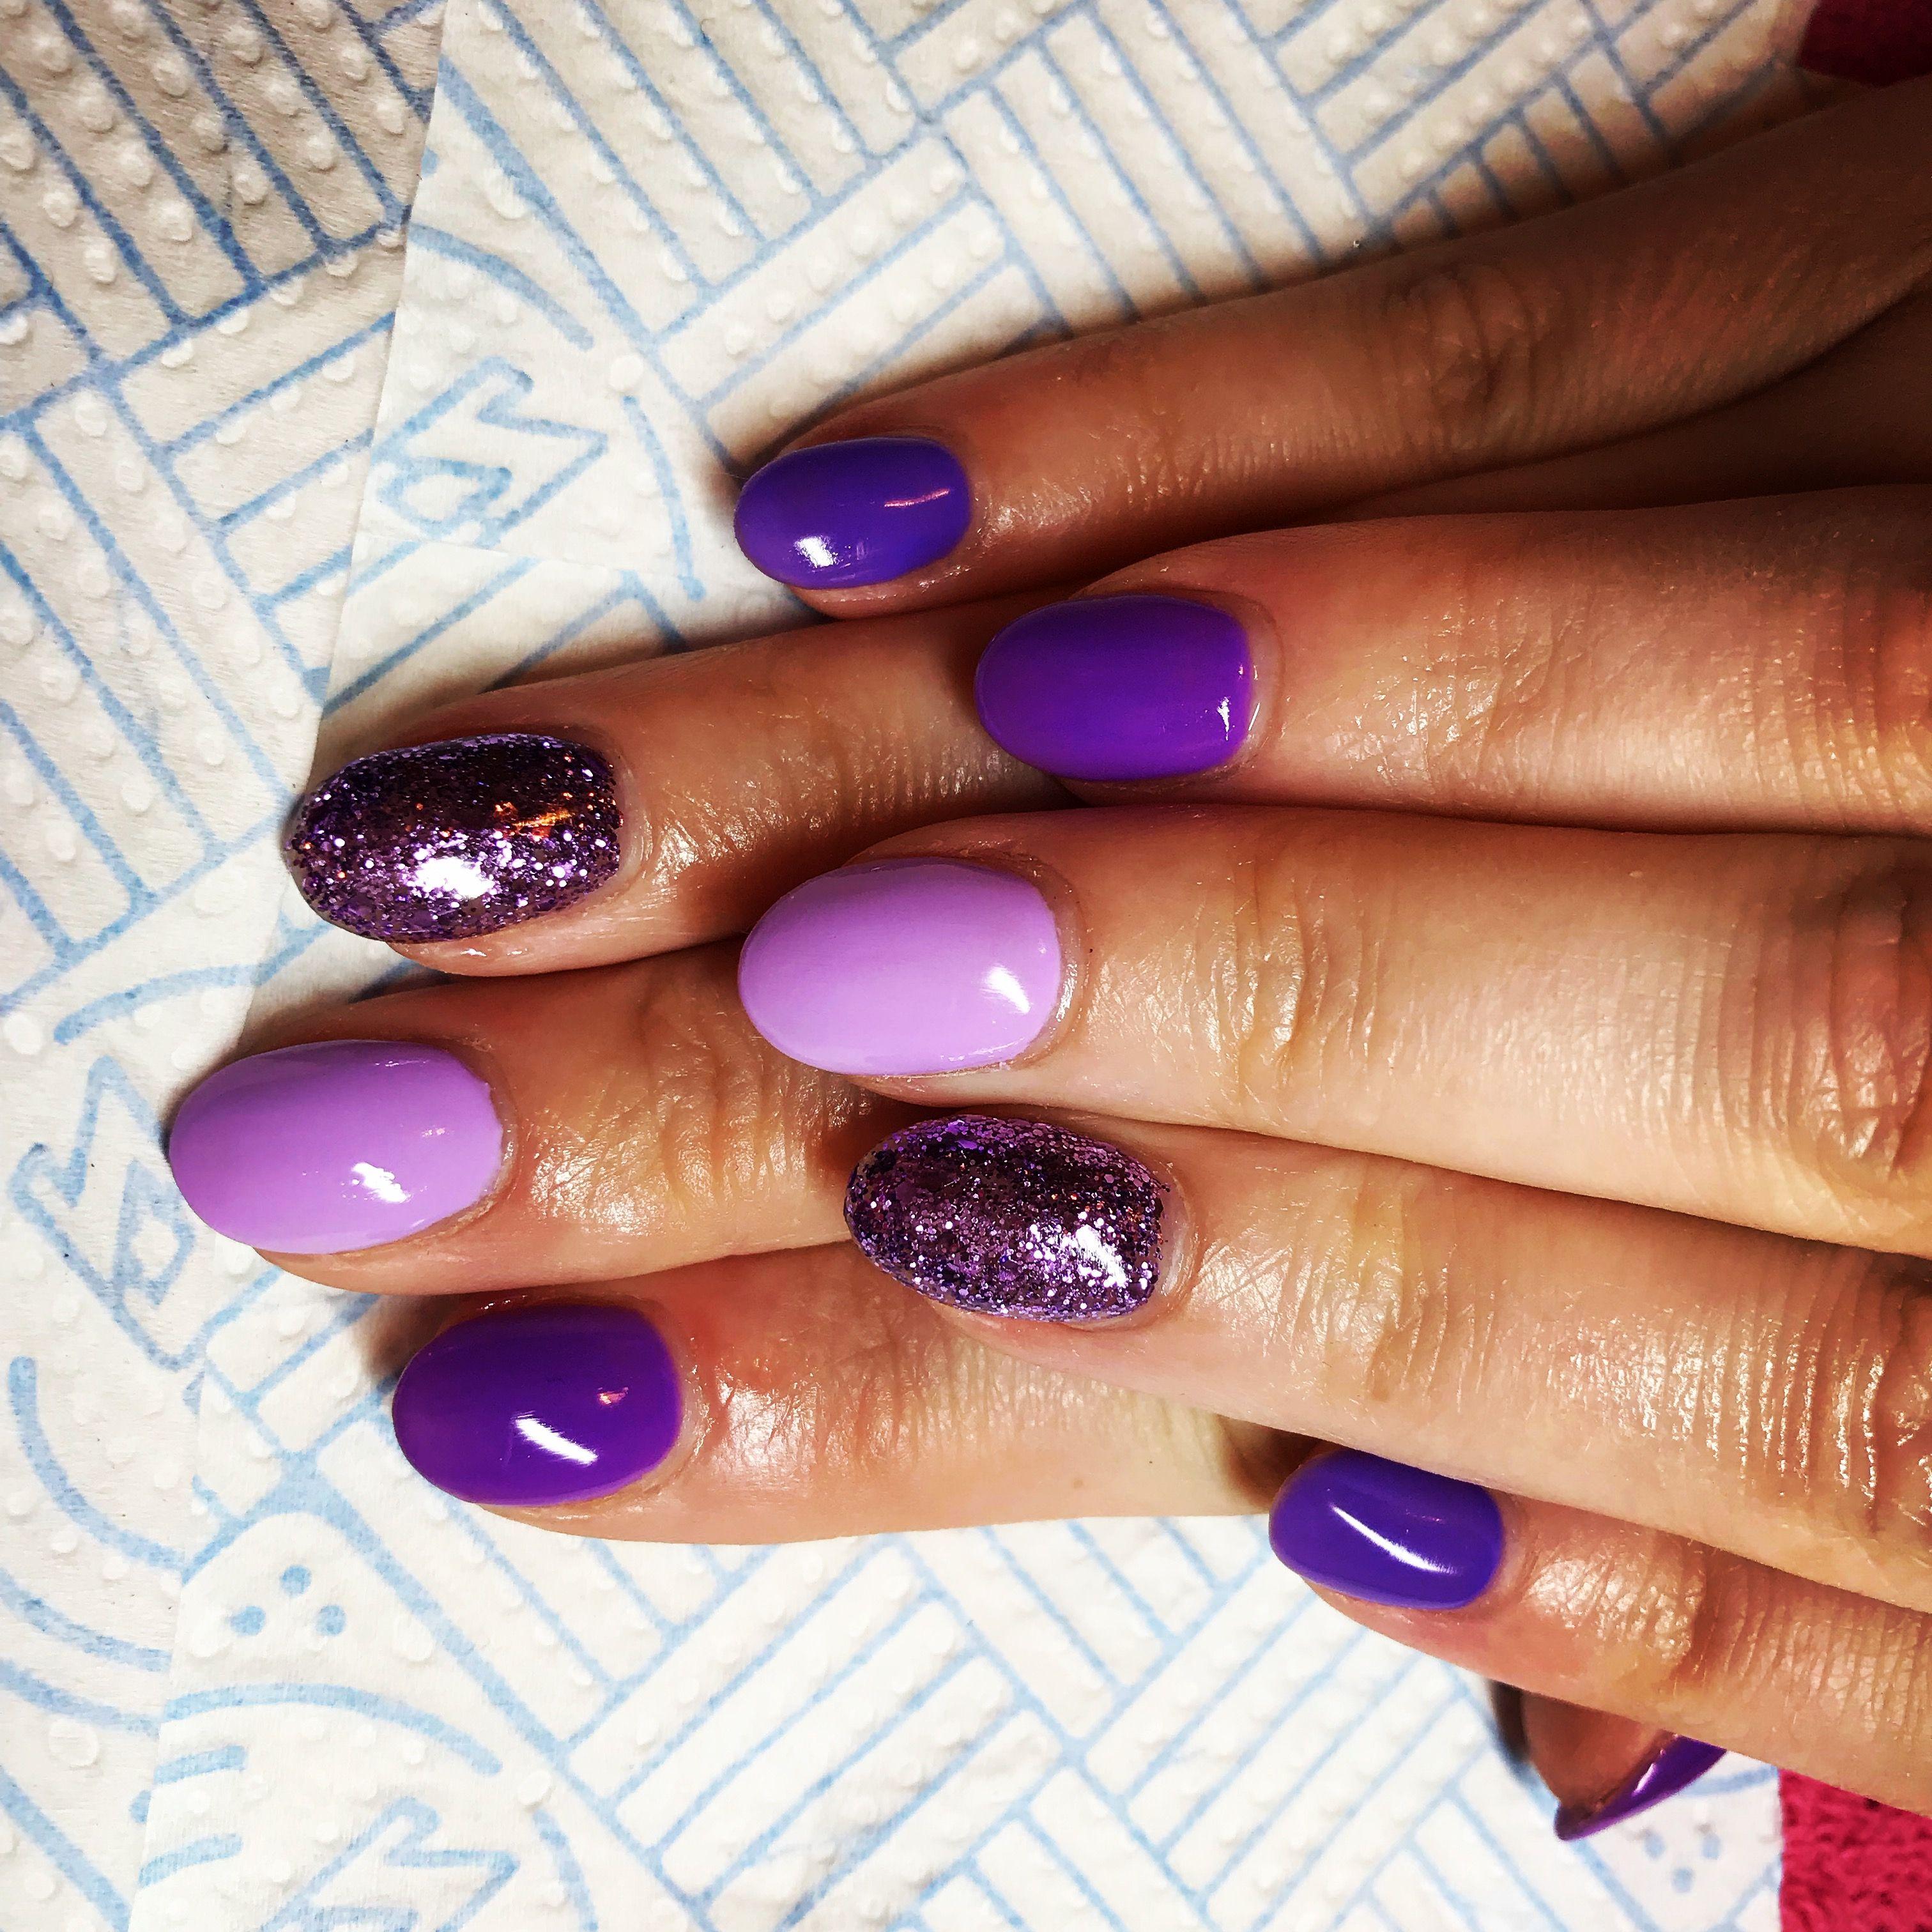 glitter #acrylic #nailart #purplenails #nails   My nails by Katie ...